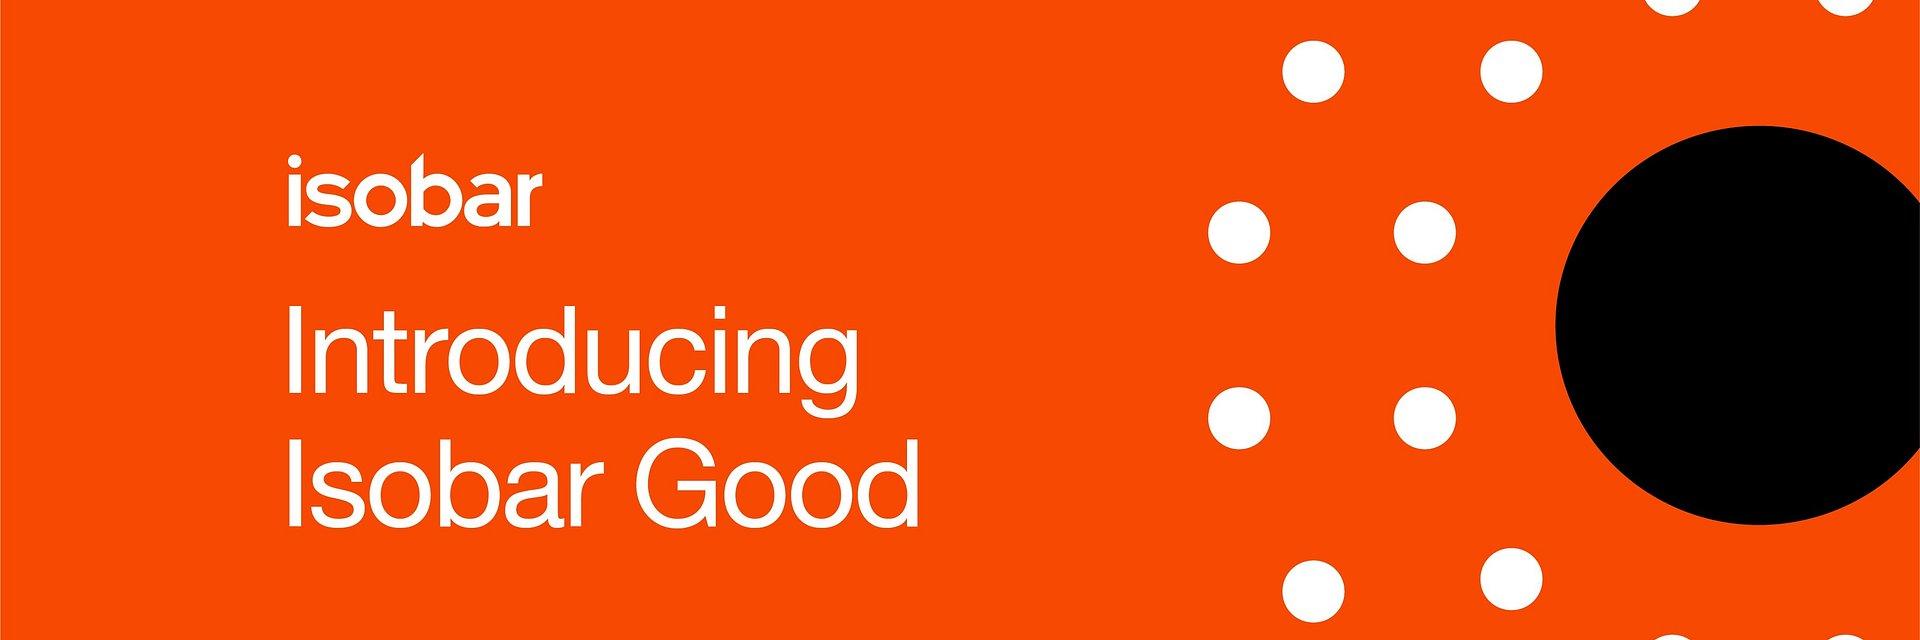 Isobar Good - agencja powołuje globalną incjatywę, która będzie wspierać Cele Zrównoważonego Rozwoju